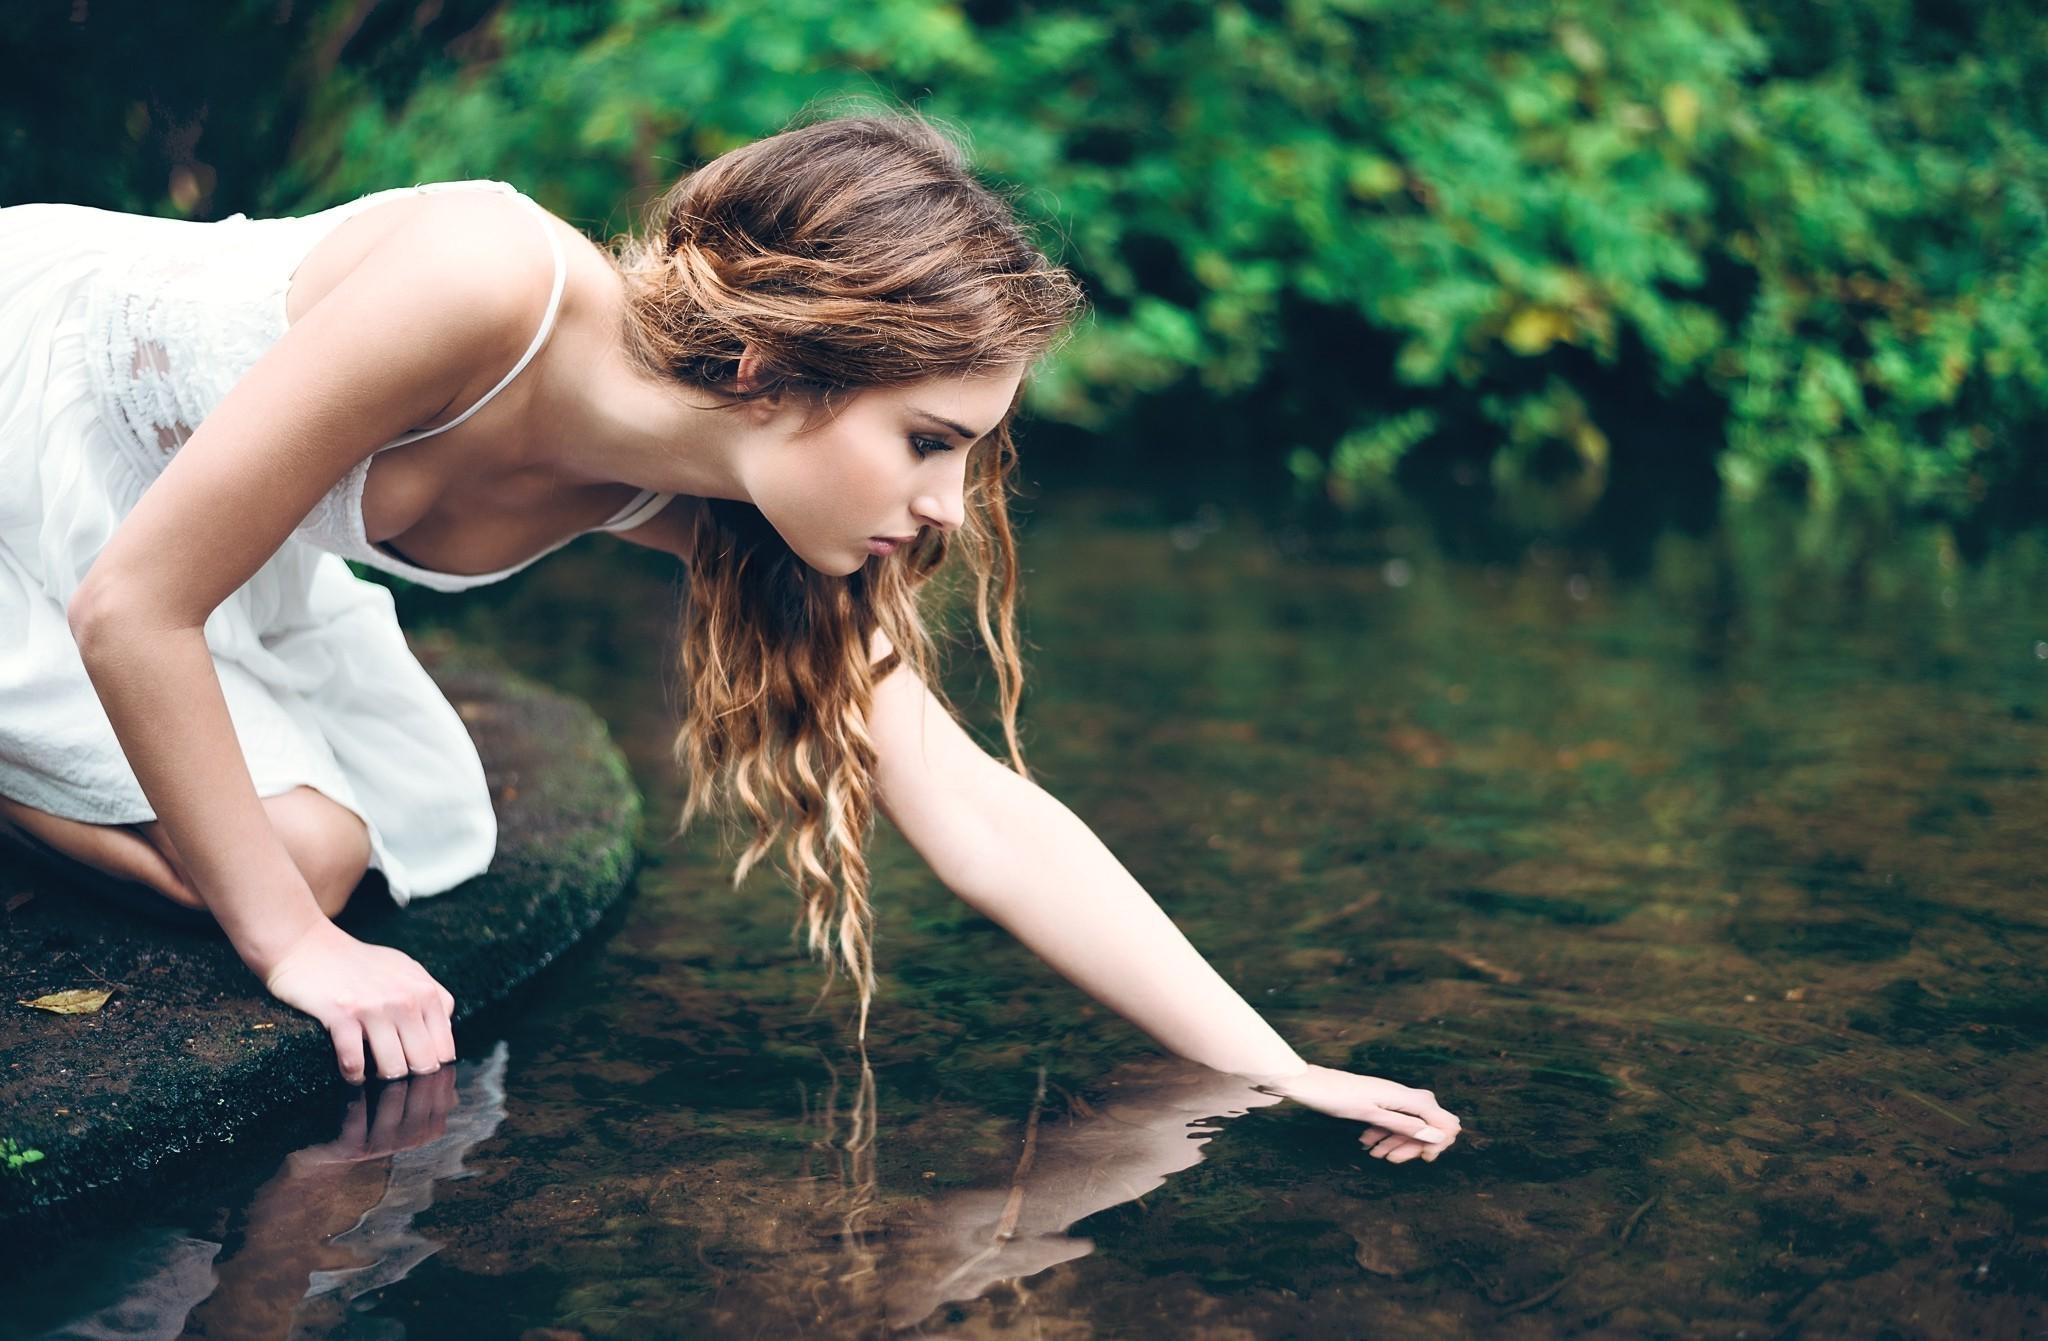 чувствуешь как фото девушки у воды торопилась уходить, похоже